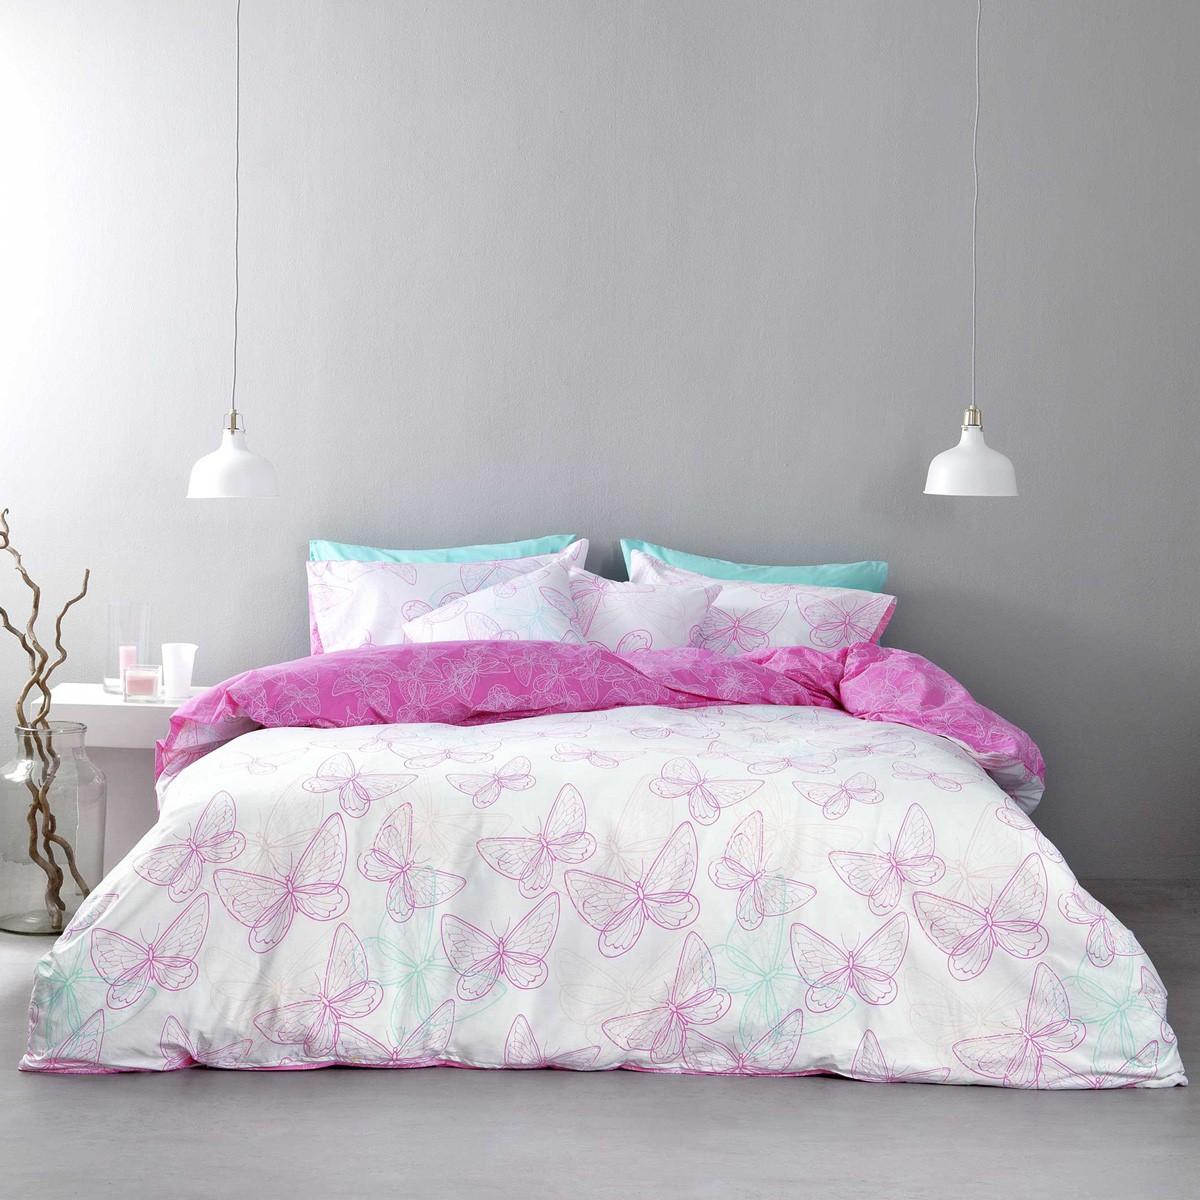 Κουβερλί Μονό Nima Bed Linen Farfalita Pink